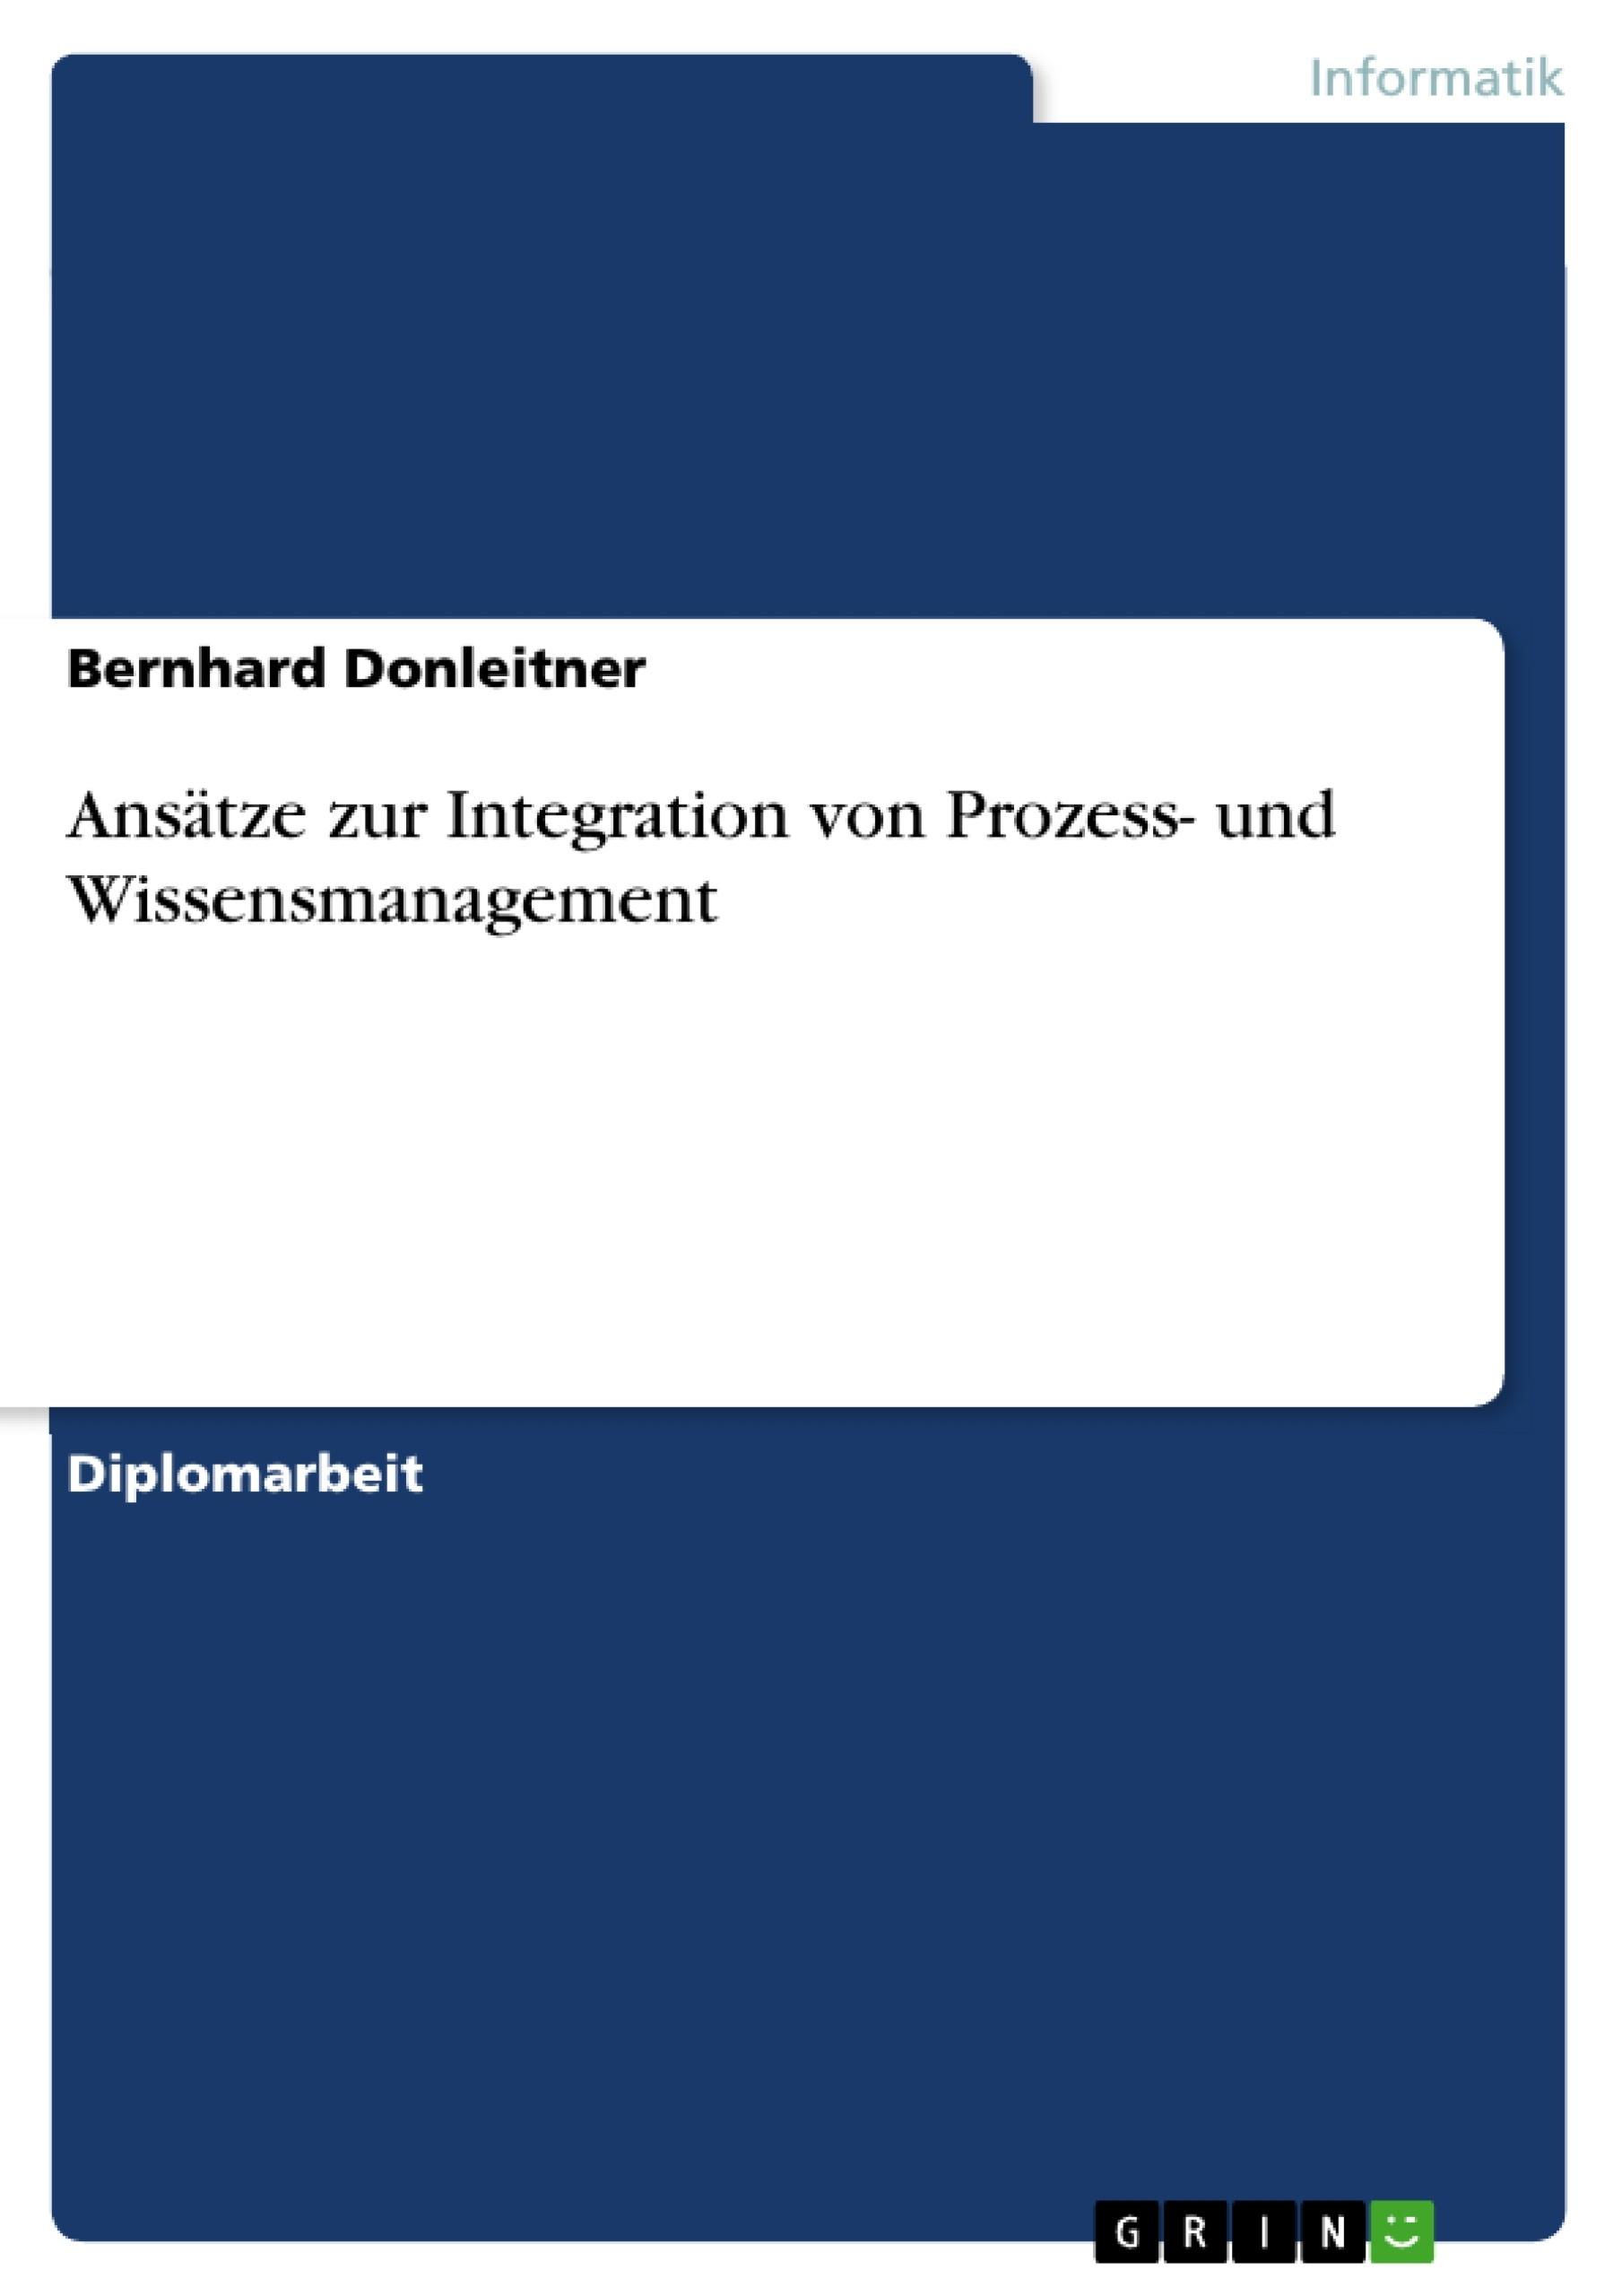 Titel: Ansätze zur Integration von Prozess- und Wissensmanagement